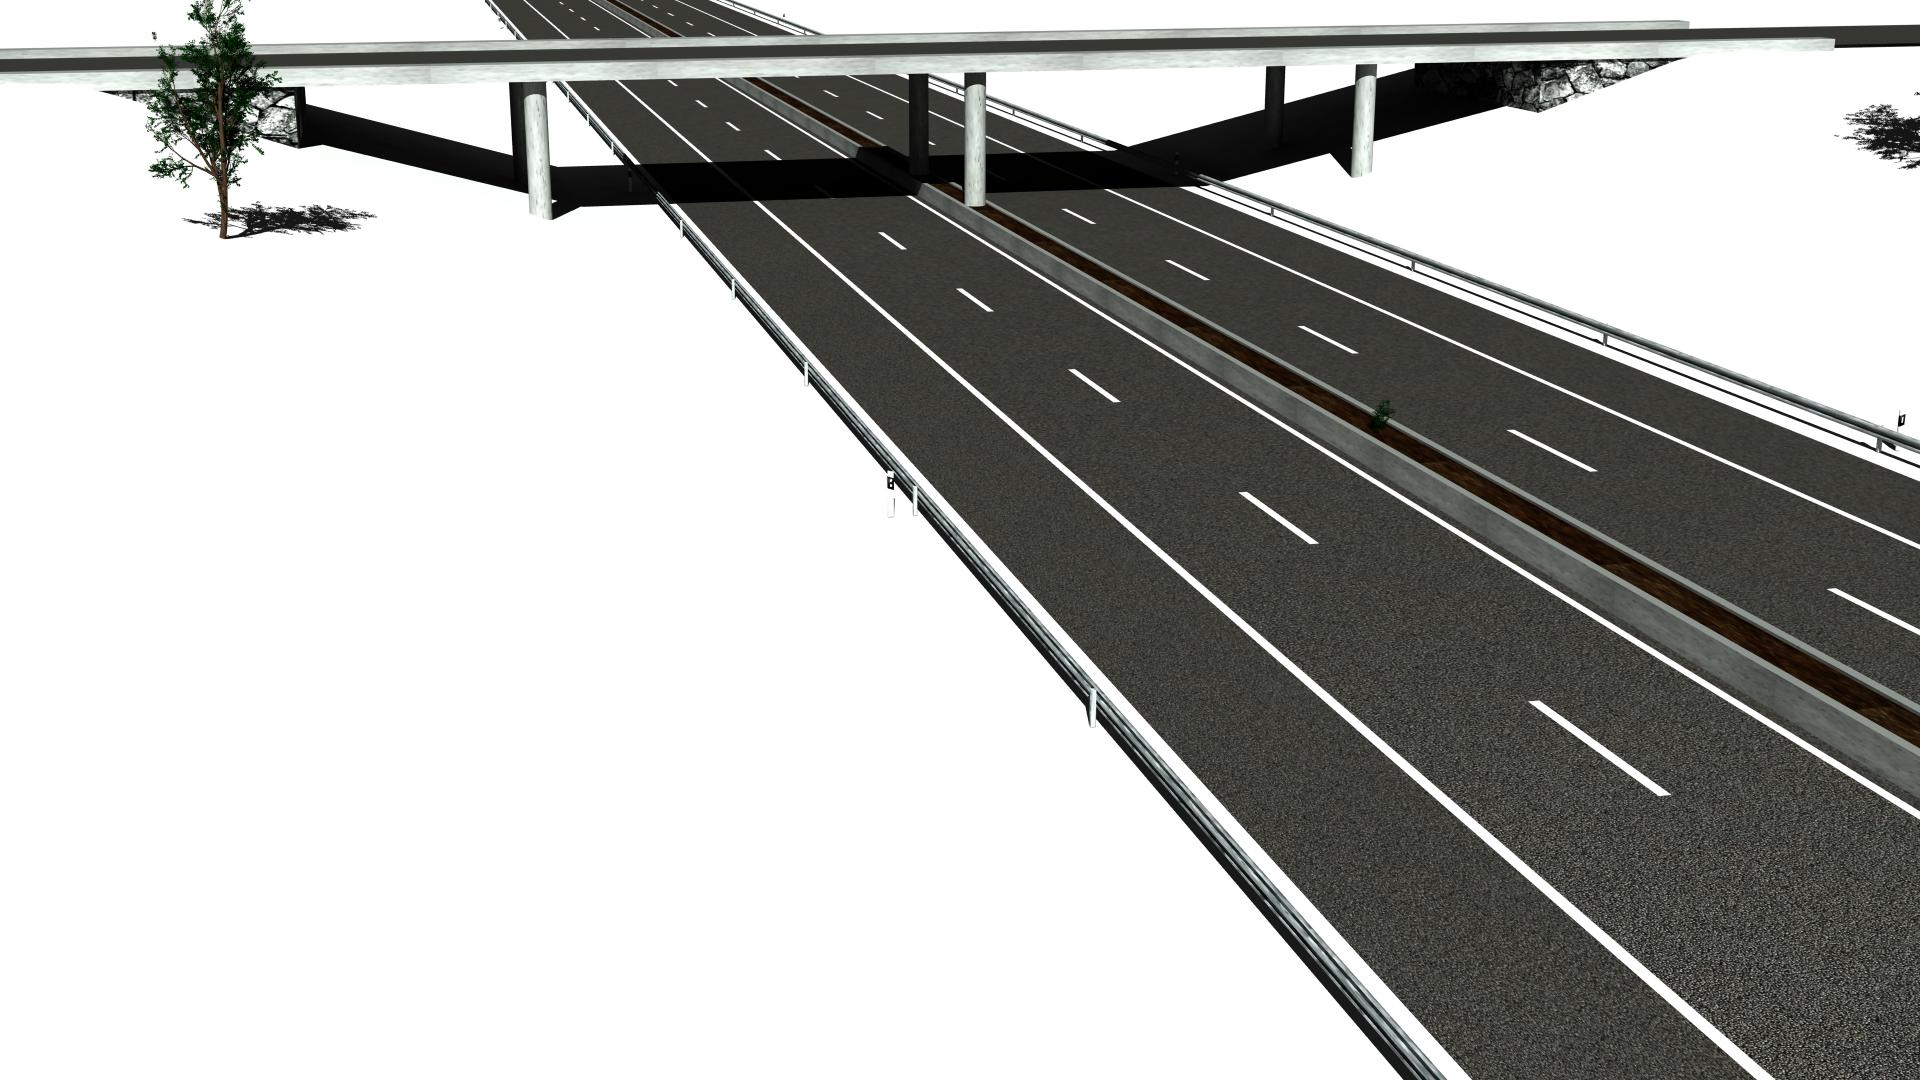 Autobahnszene3